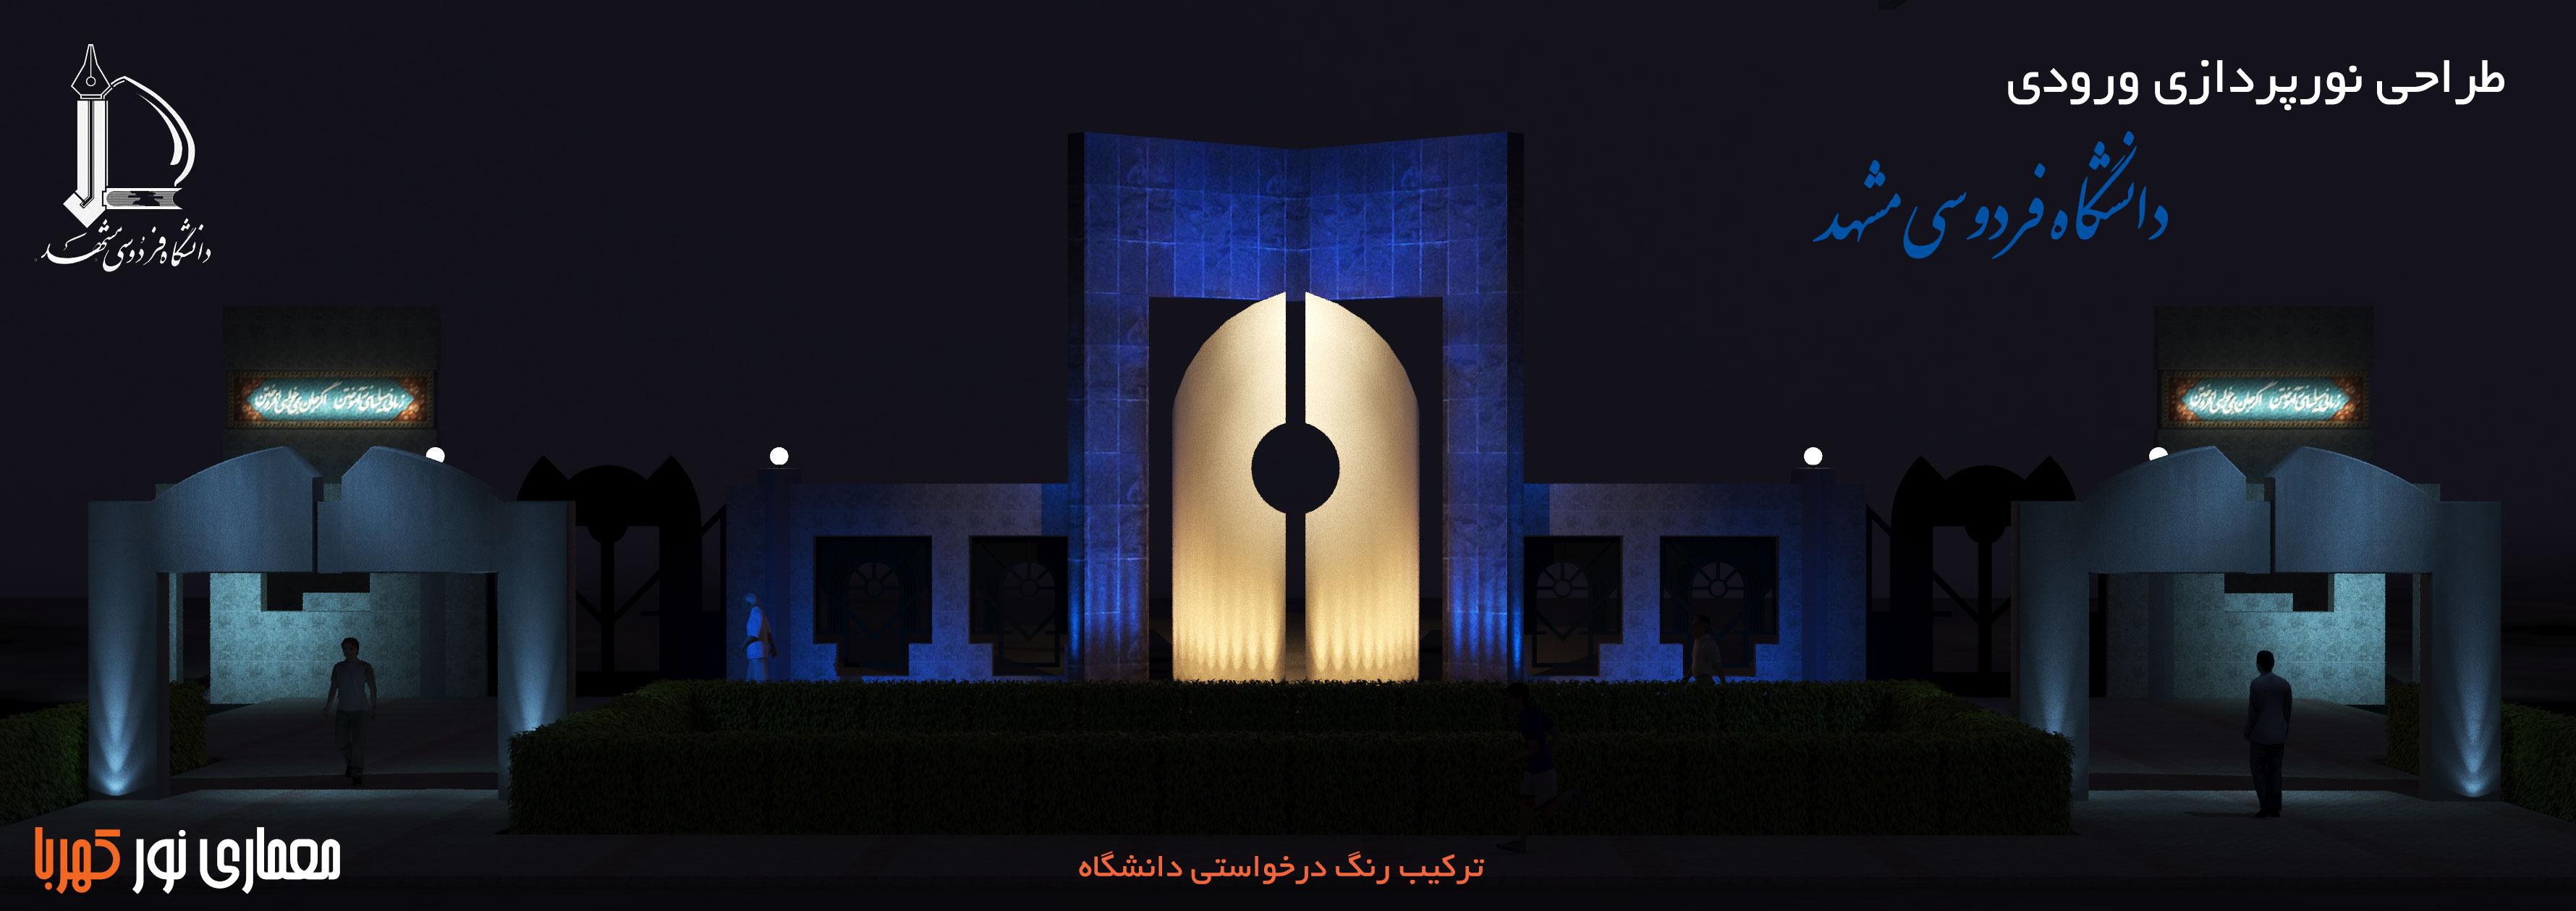 طراحی نورپردازی سردر ورودی دانشگاه فردوسی مشهد